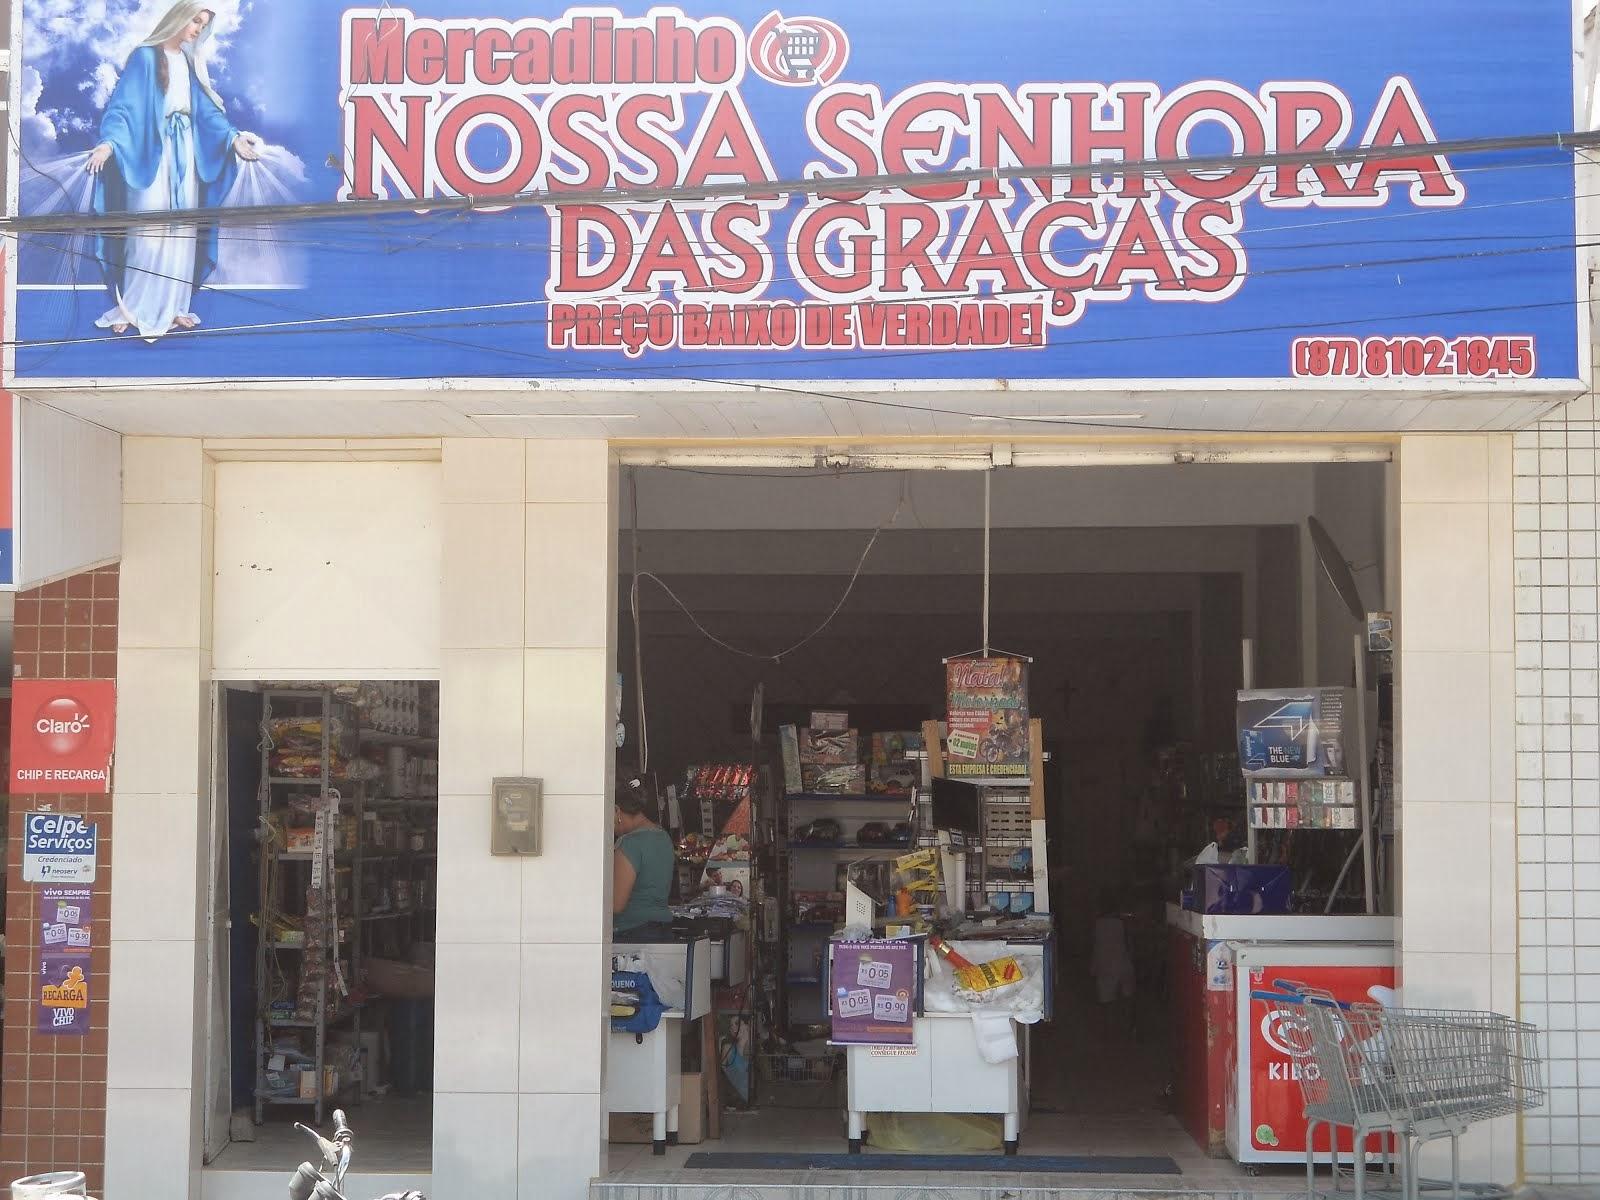 MERCADINHO NOSSA SENHORA DAS GRAÇAS